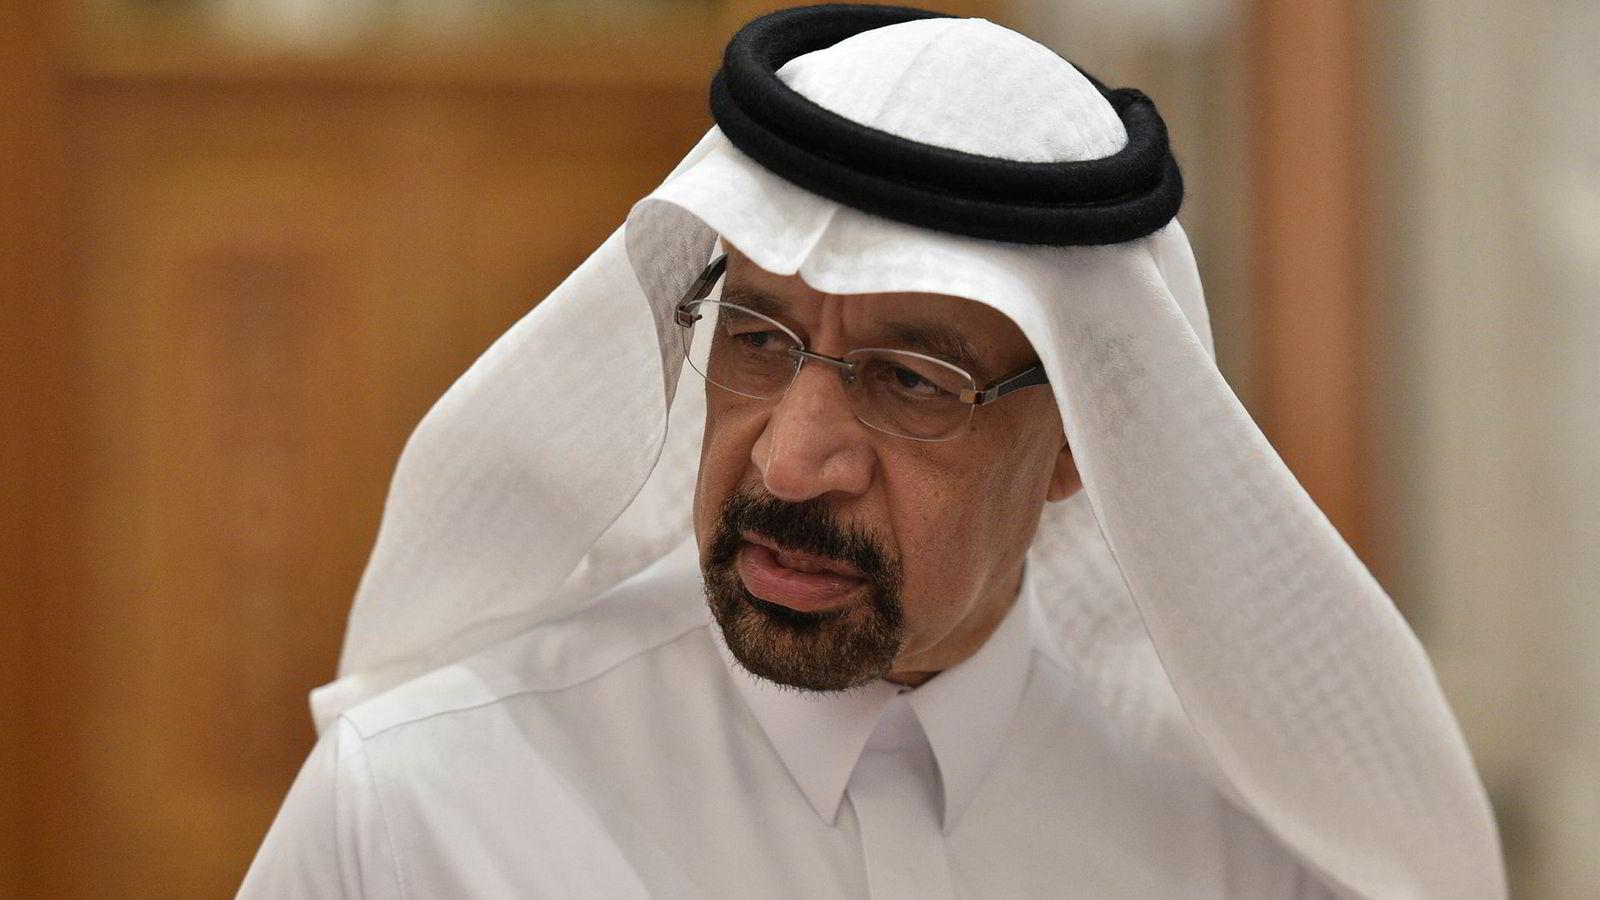 – Hele tiden har vi sagt at markedsoverreaksjonen på kunngjøringen av sanksjonene var drevet av frykt heller enn reelt underskudd, sier Saudi-Arabias energiminister Khalid al-Falih.